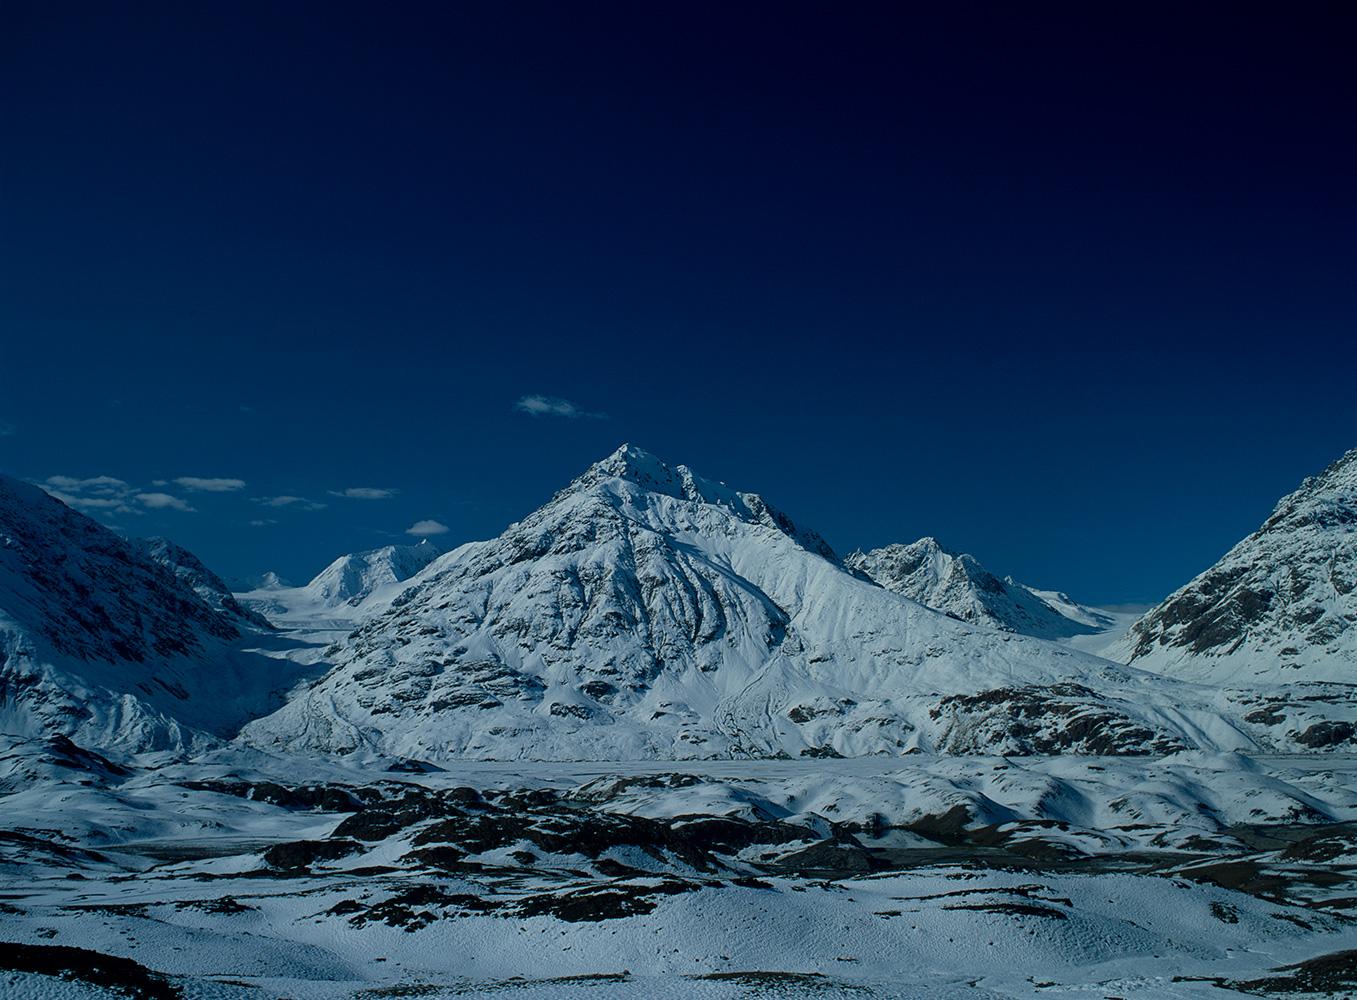 Beyond these mountains lies the village of DarkotBronica ETRSi, Fuji Velvia